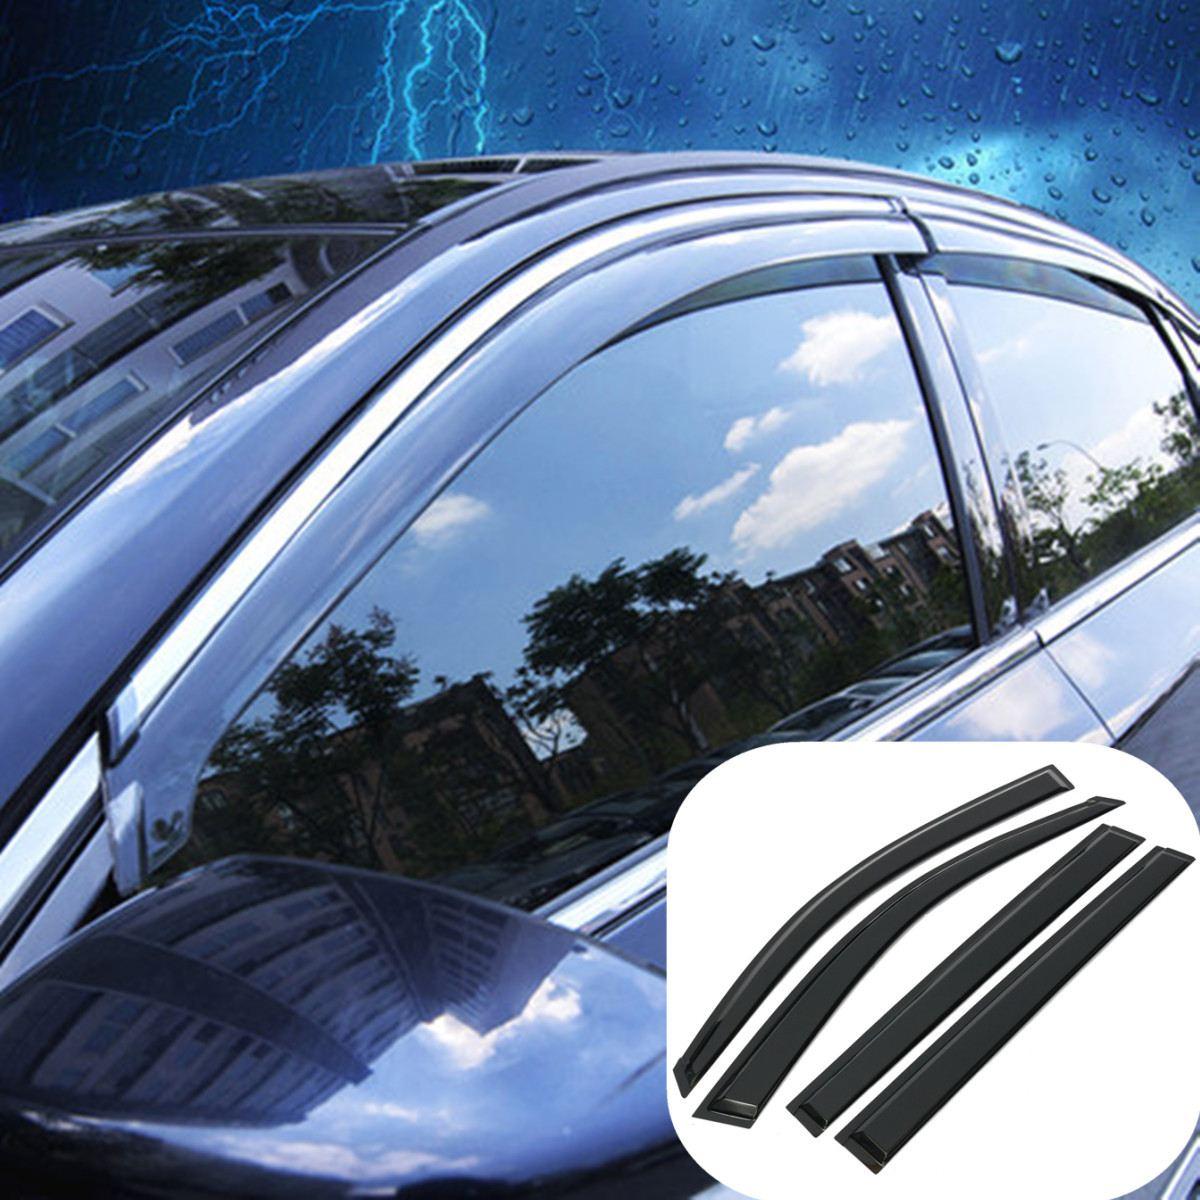 For Toyota Highlander 2008 2009 2010 2011 2012 Car Window Sun Visor Rain  Guard Wind Deflector 928abdedd9c